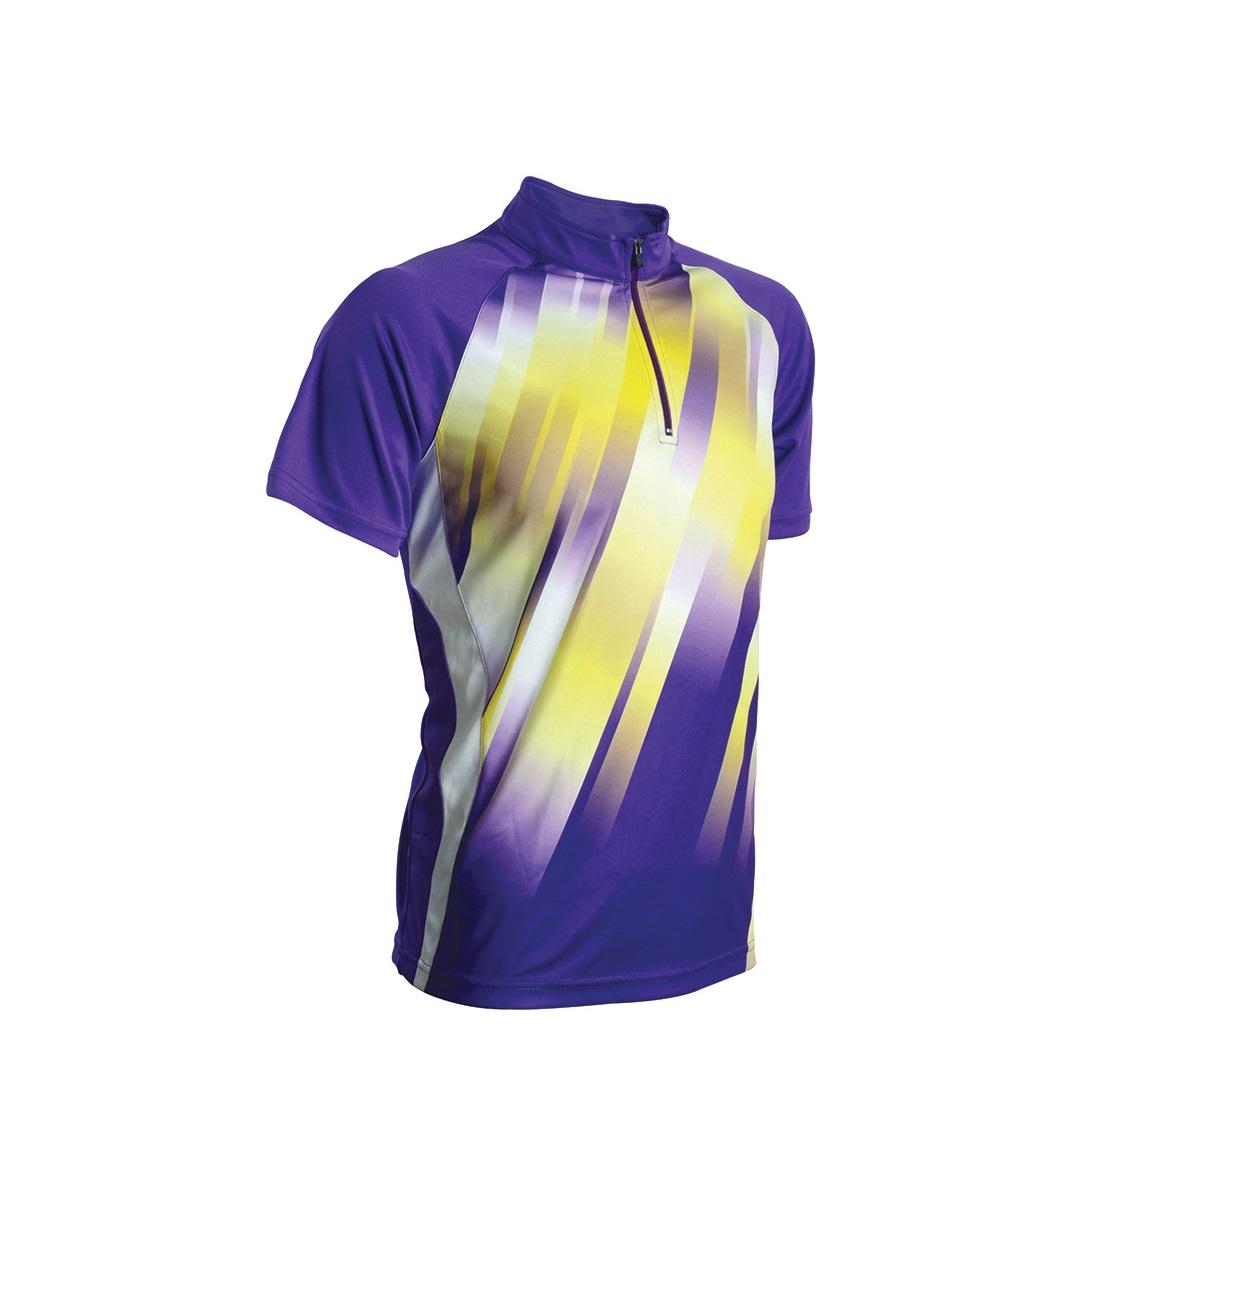 Design t shirt neon colors - Outr Fit Neon Sublimation Qd41 3 Colors Design Home Rightway Sublimation Shirts Outr Fit Neon Sublimation Qd41 3 Colors Design